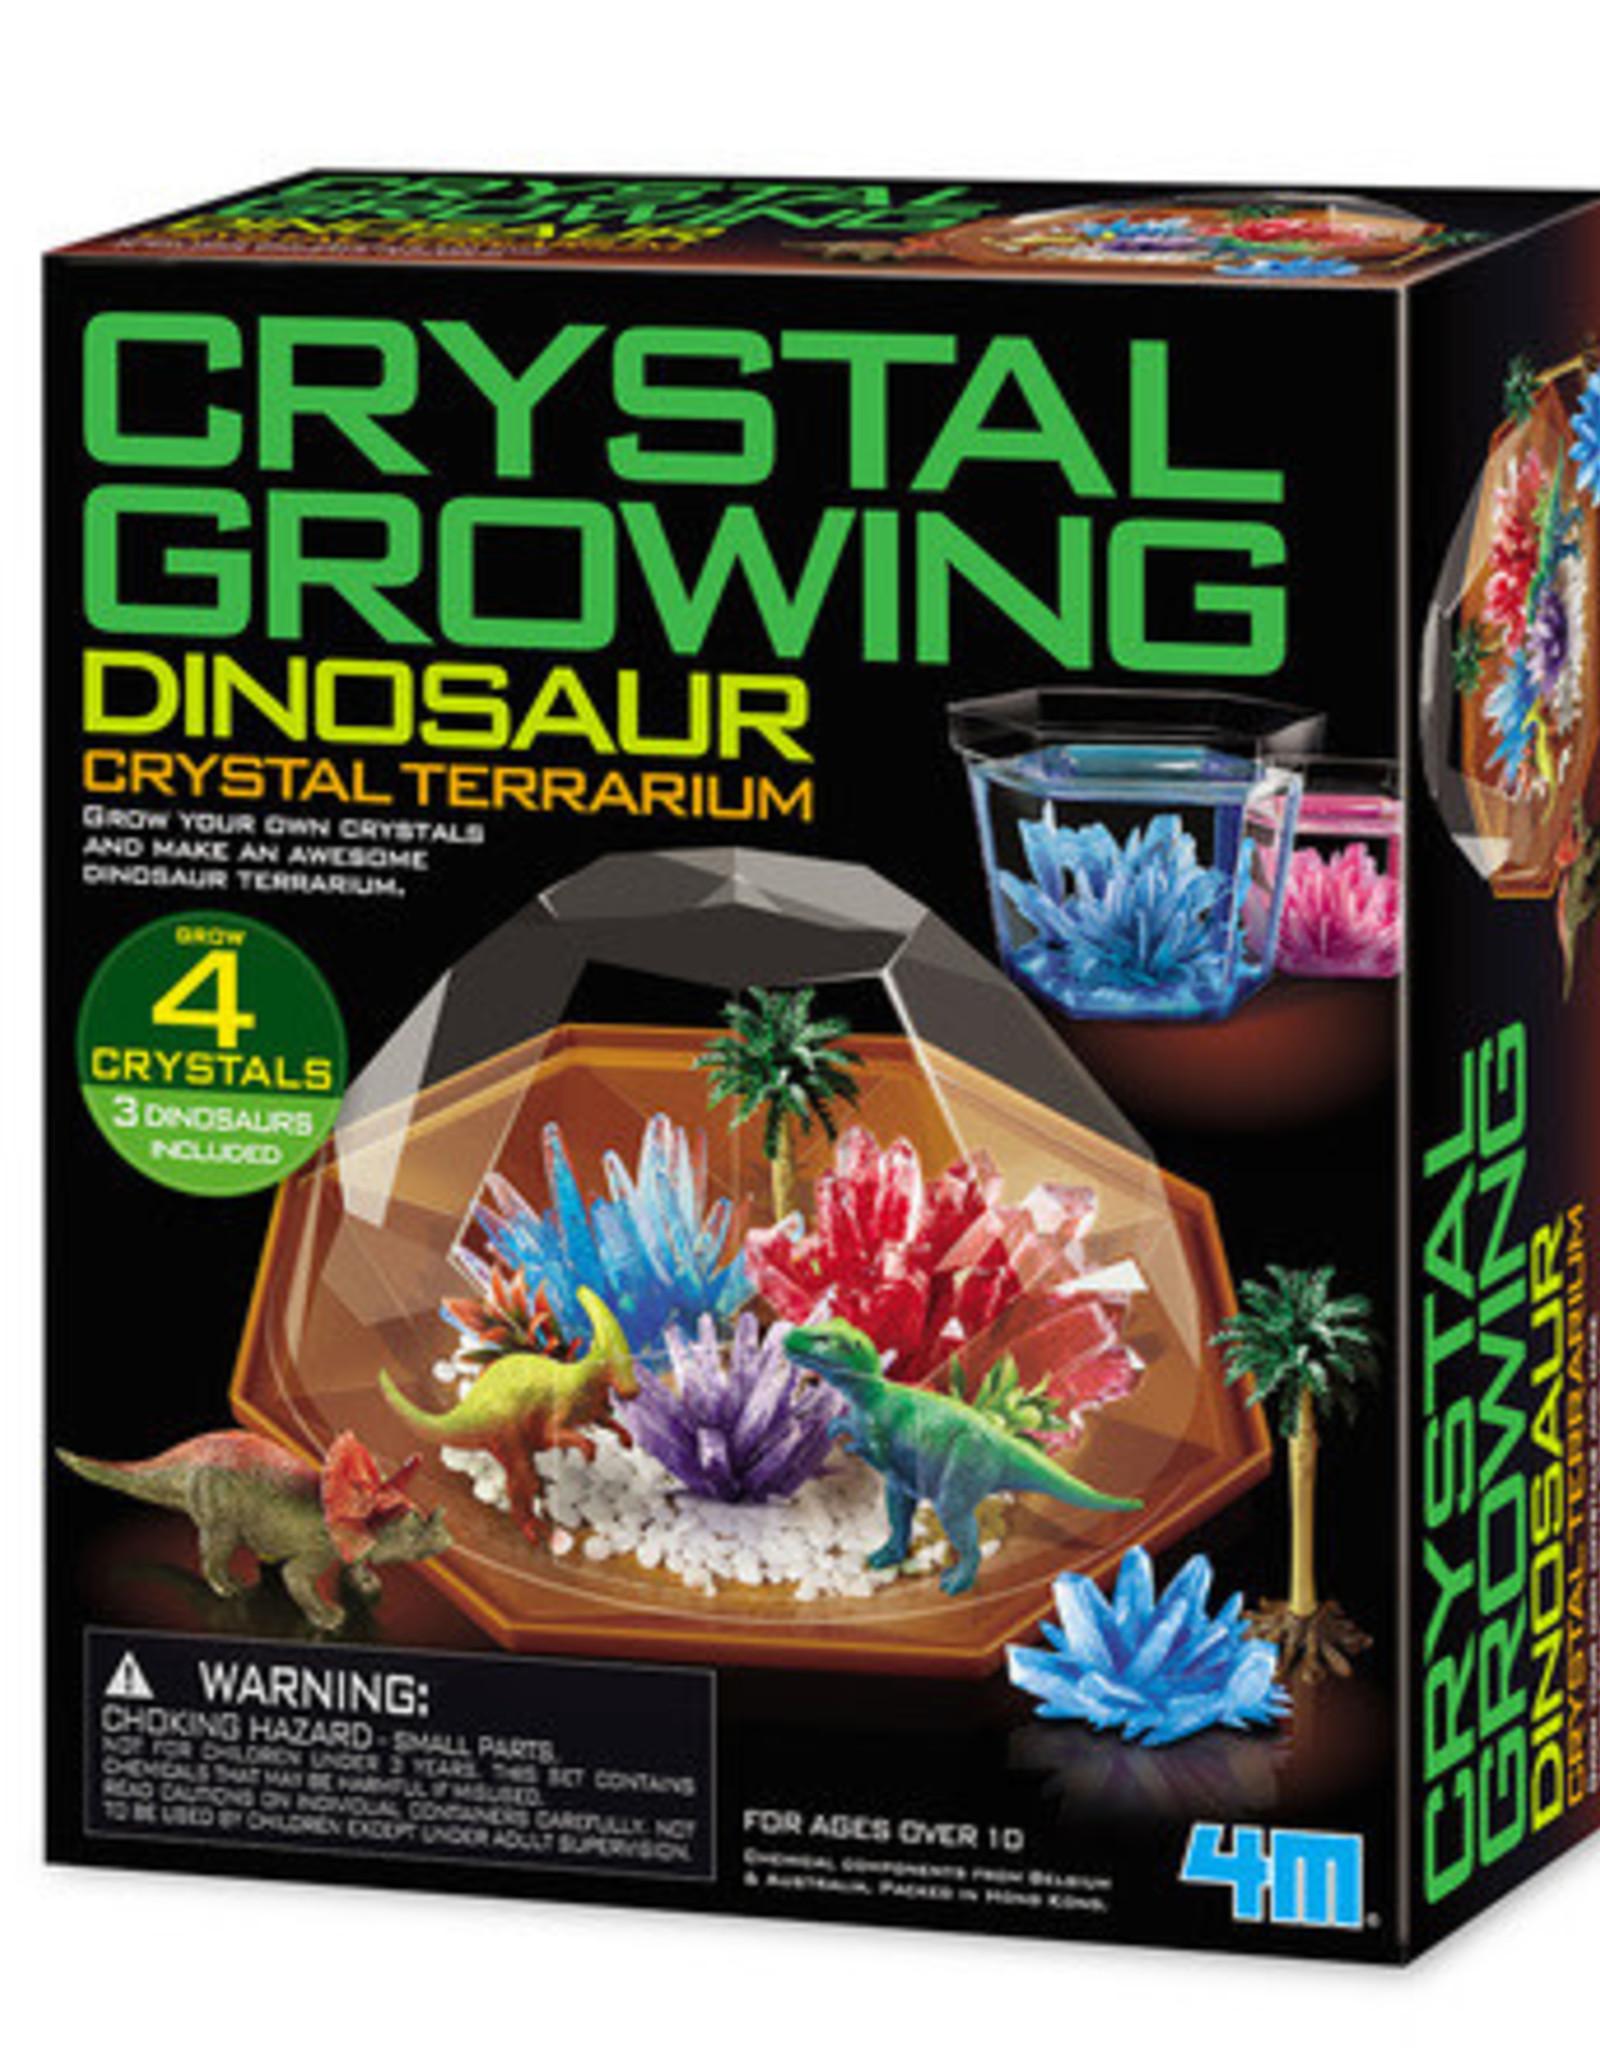 Toysmith Dino Crystal Terrarium The Toy Store